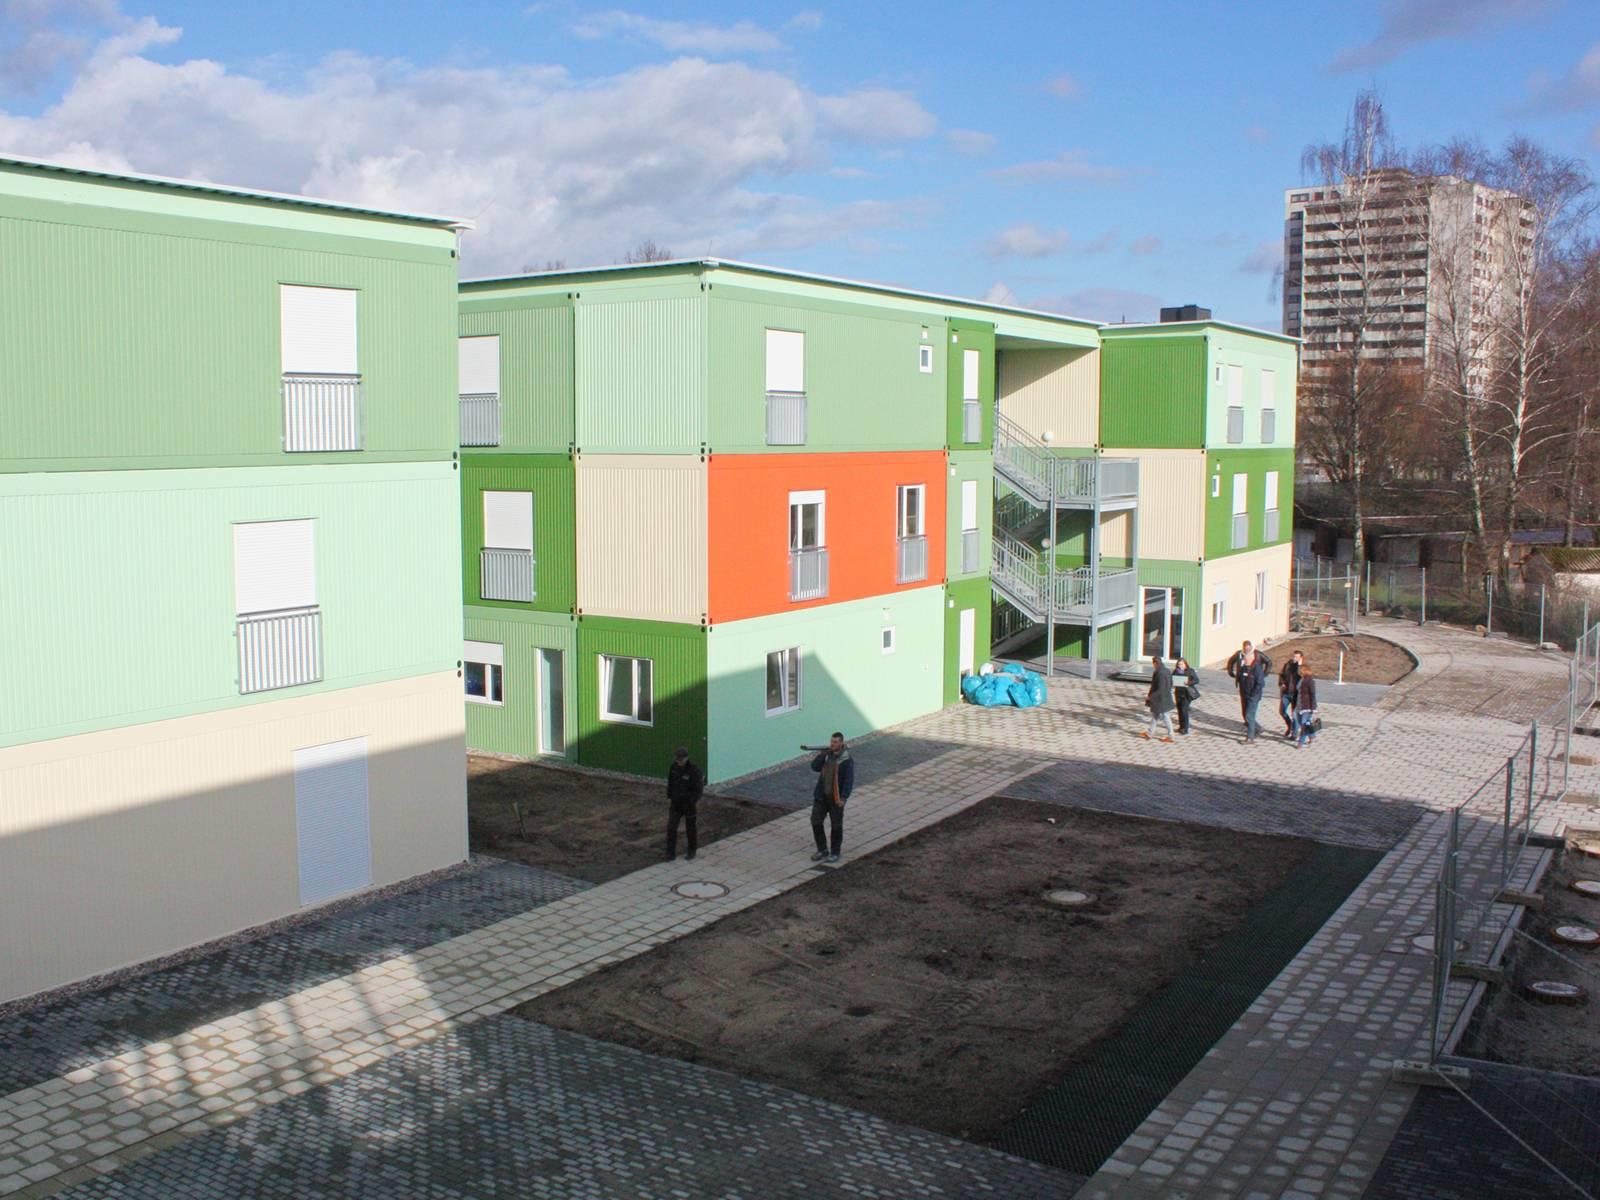 Die Flüchtlingsunterkunft besteht aus zwei- und dreigeschossigen Wohngebäuden und zum Teil eingeschossigen Gemeinschafts- und Verwaltungsgebäuden